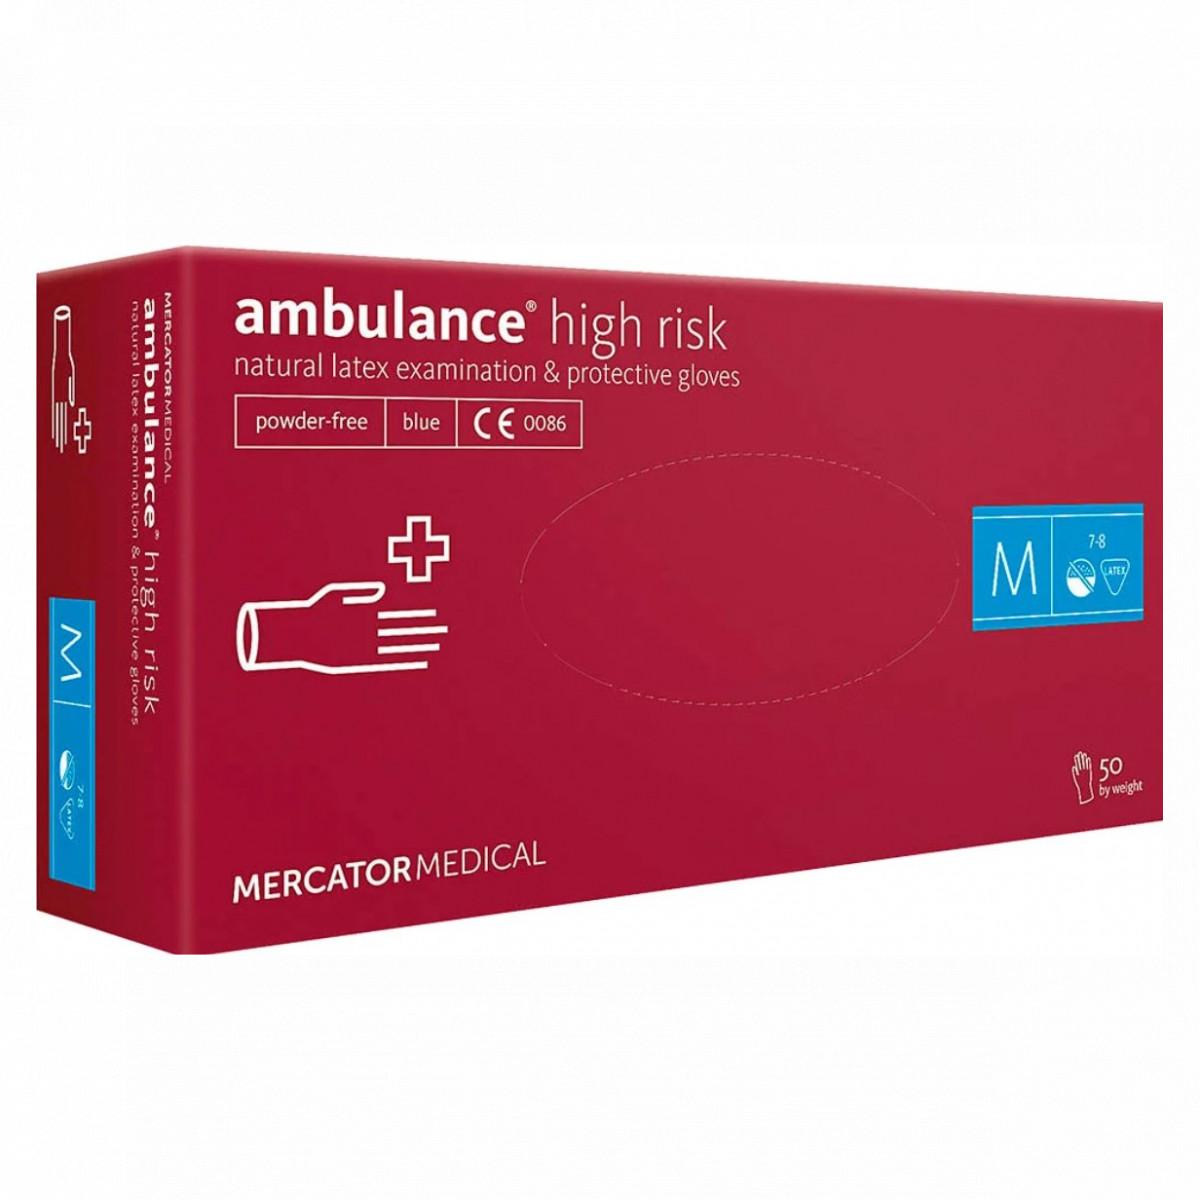 Перчатки Ambulance High Risk латексные смотровые нестерильные неприпудренные р.М